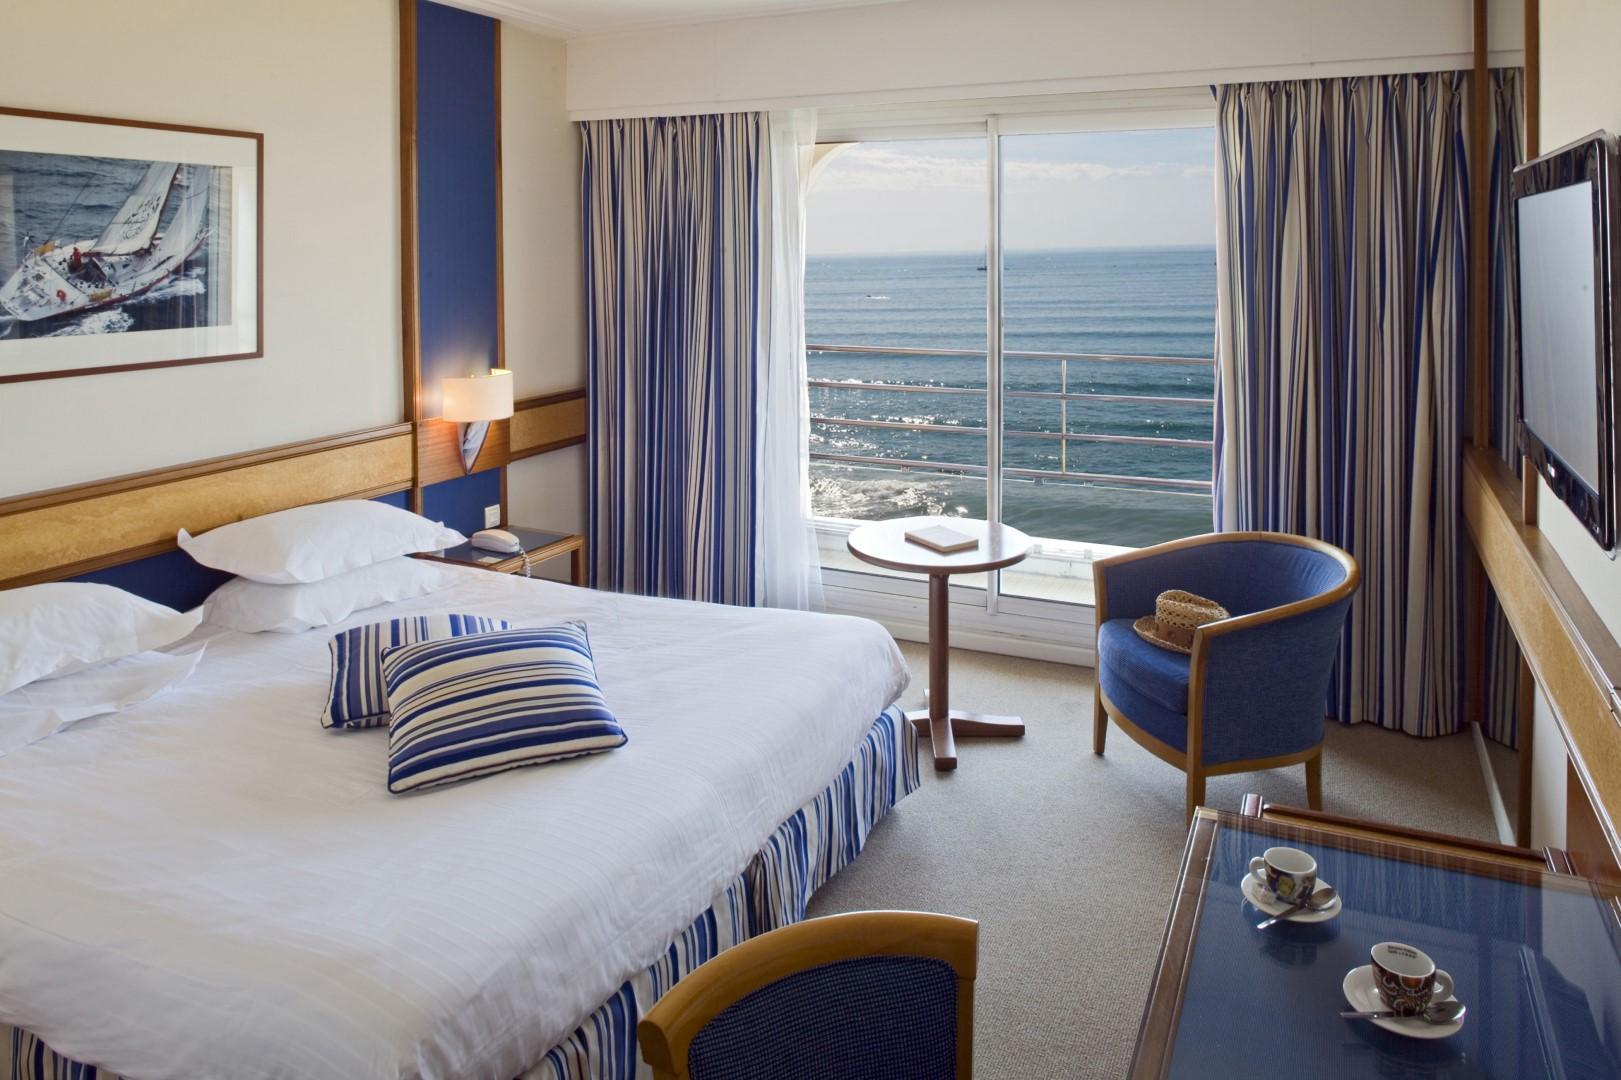 Ufficio Legno Hotel : Finestre sul mare: 10 hotel davvero straordinari tgcom24